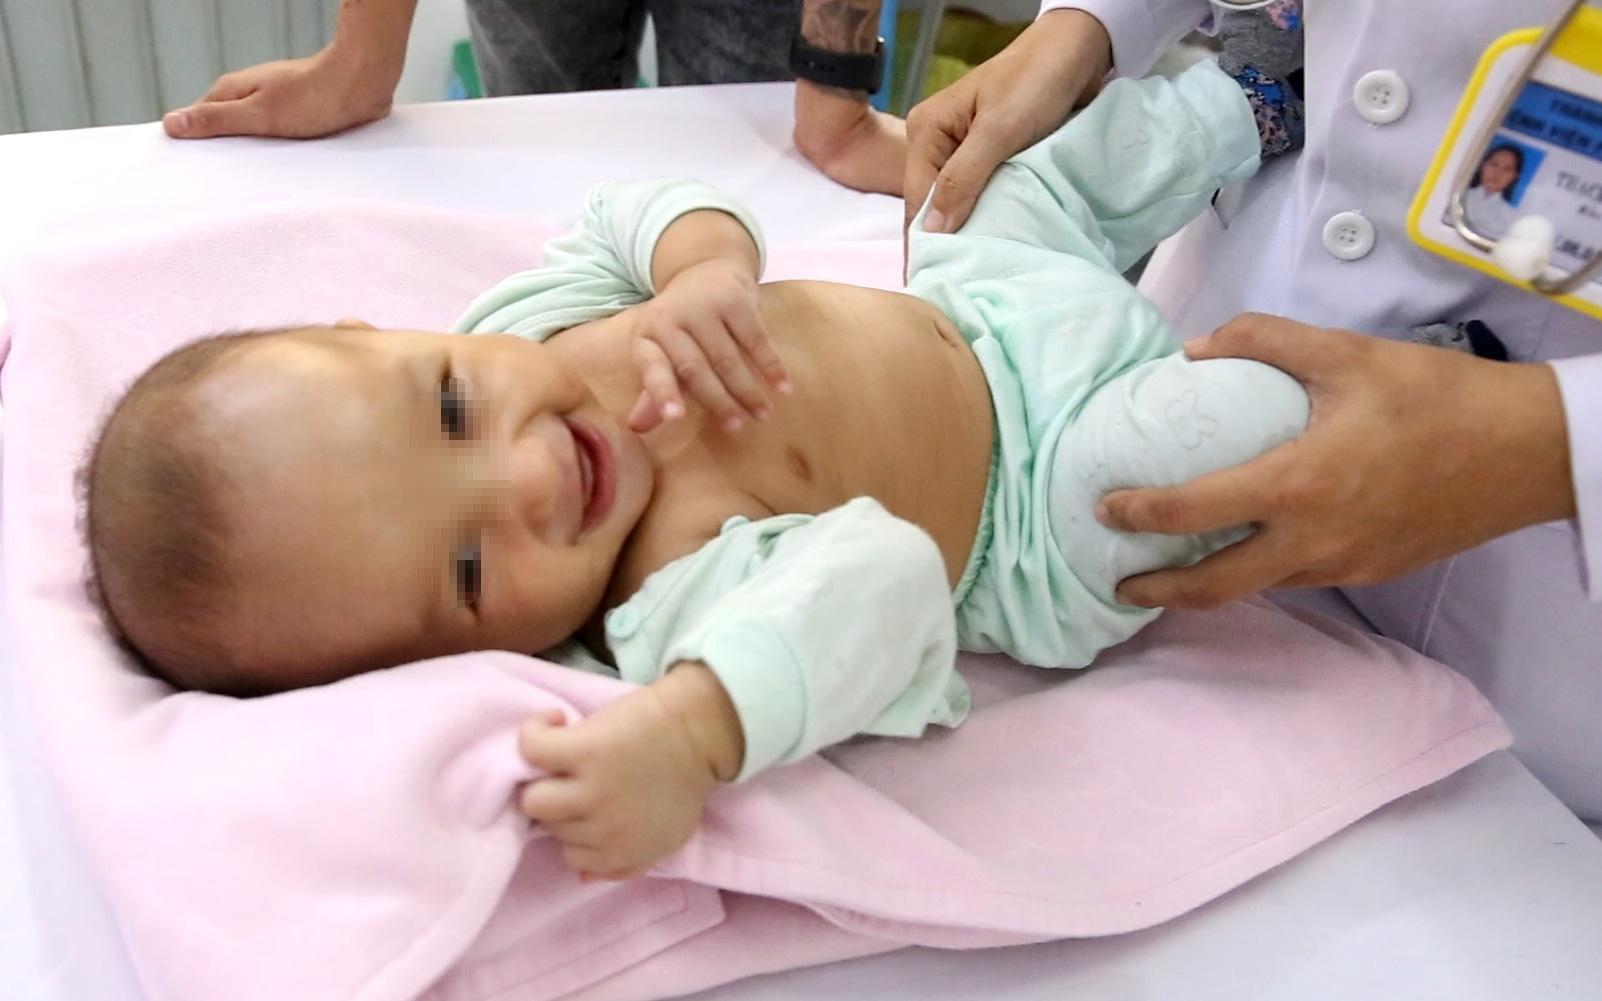 Bác sĩ Cần Thơ kịp thời phát hiện 1 trẻ sơ sinh mắc phải căn bệnh nếu chẩn đoán chậm trẻ sẽ vĩnh viễn bị thiểu năng trí tuệ